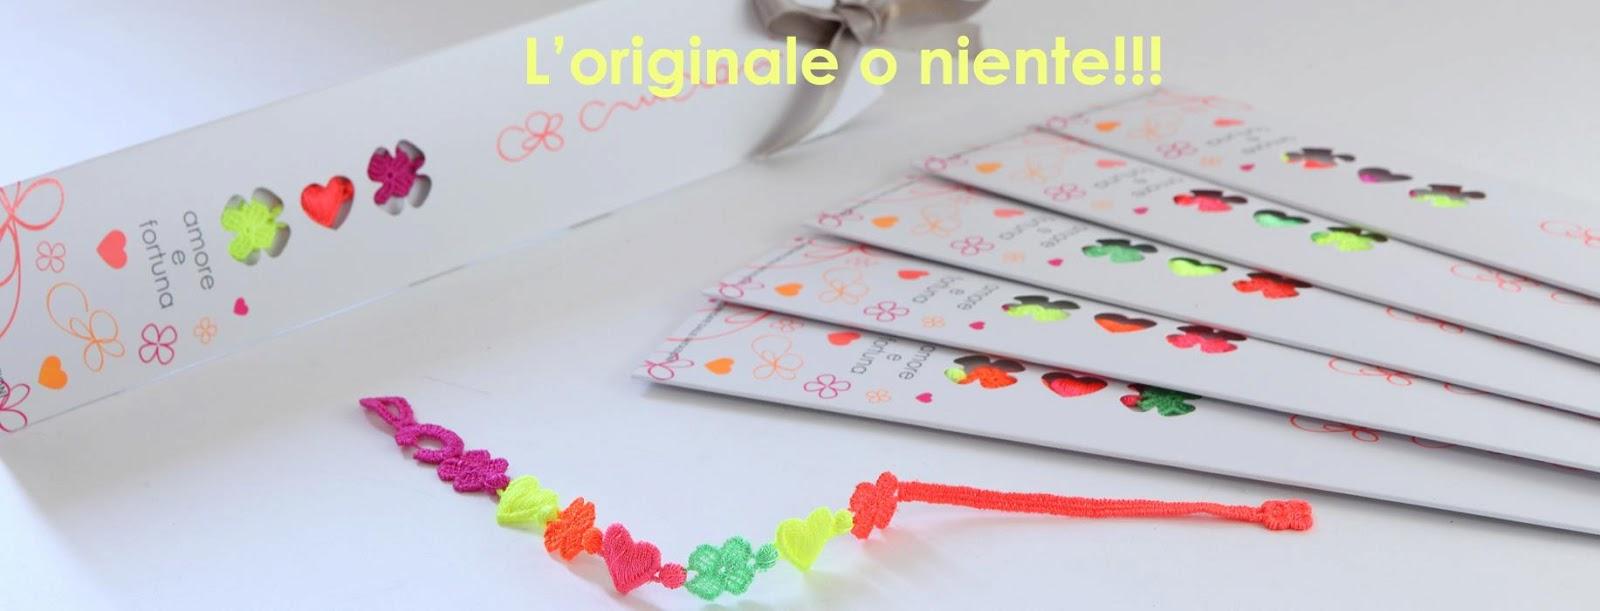 packaging braccialetti cruciani amore e fortuna multicolor fluo